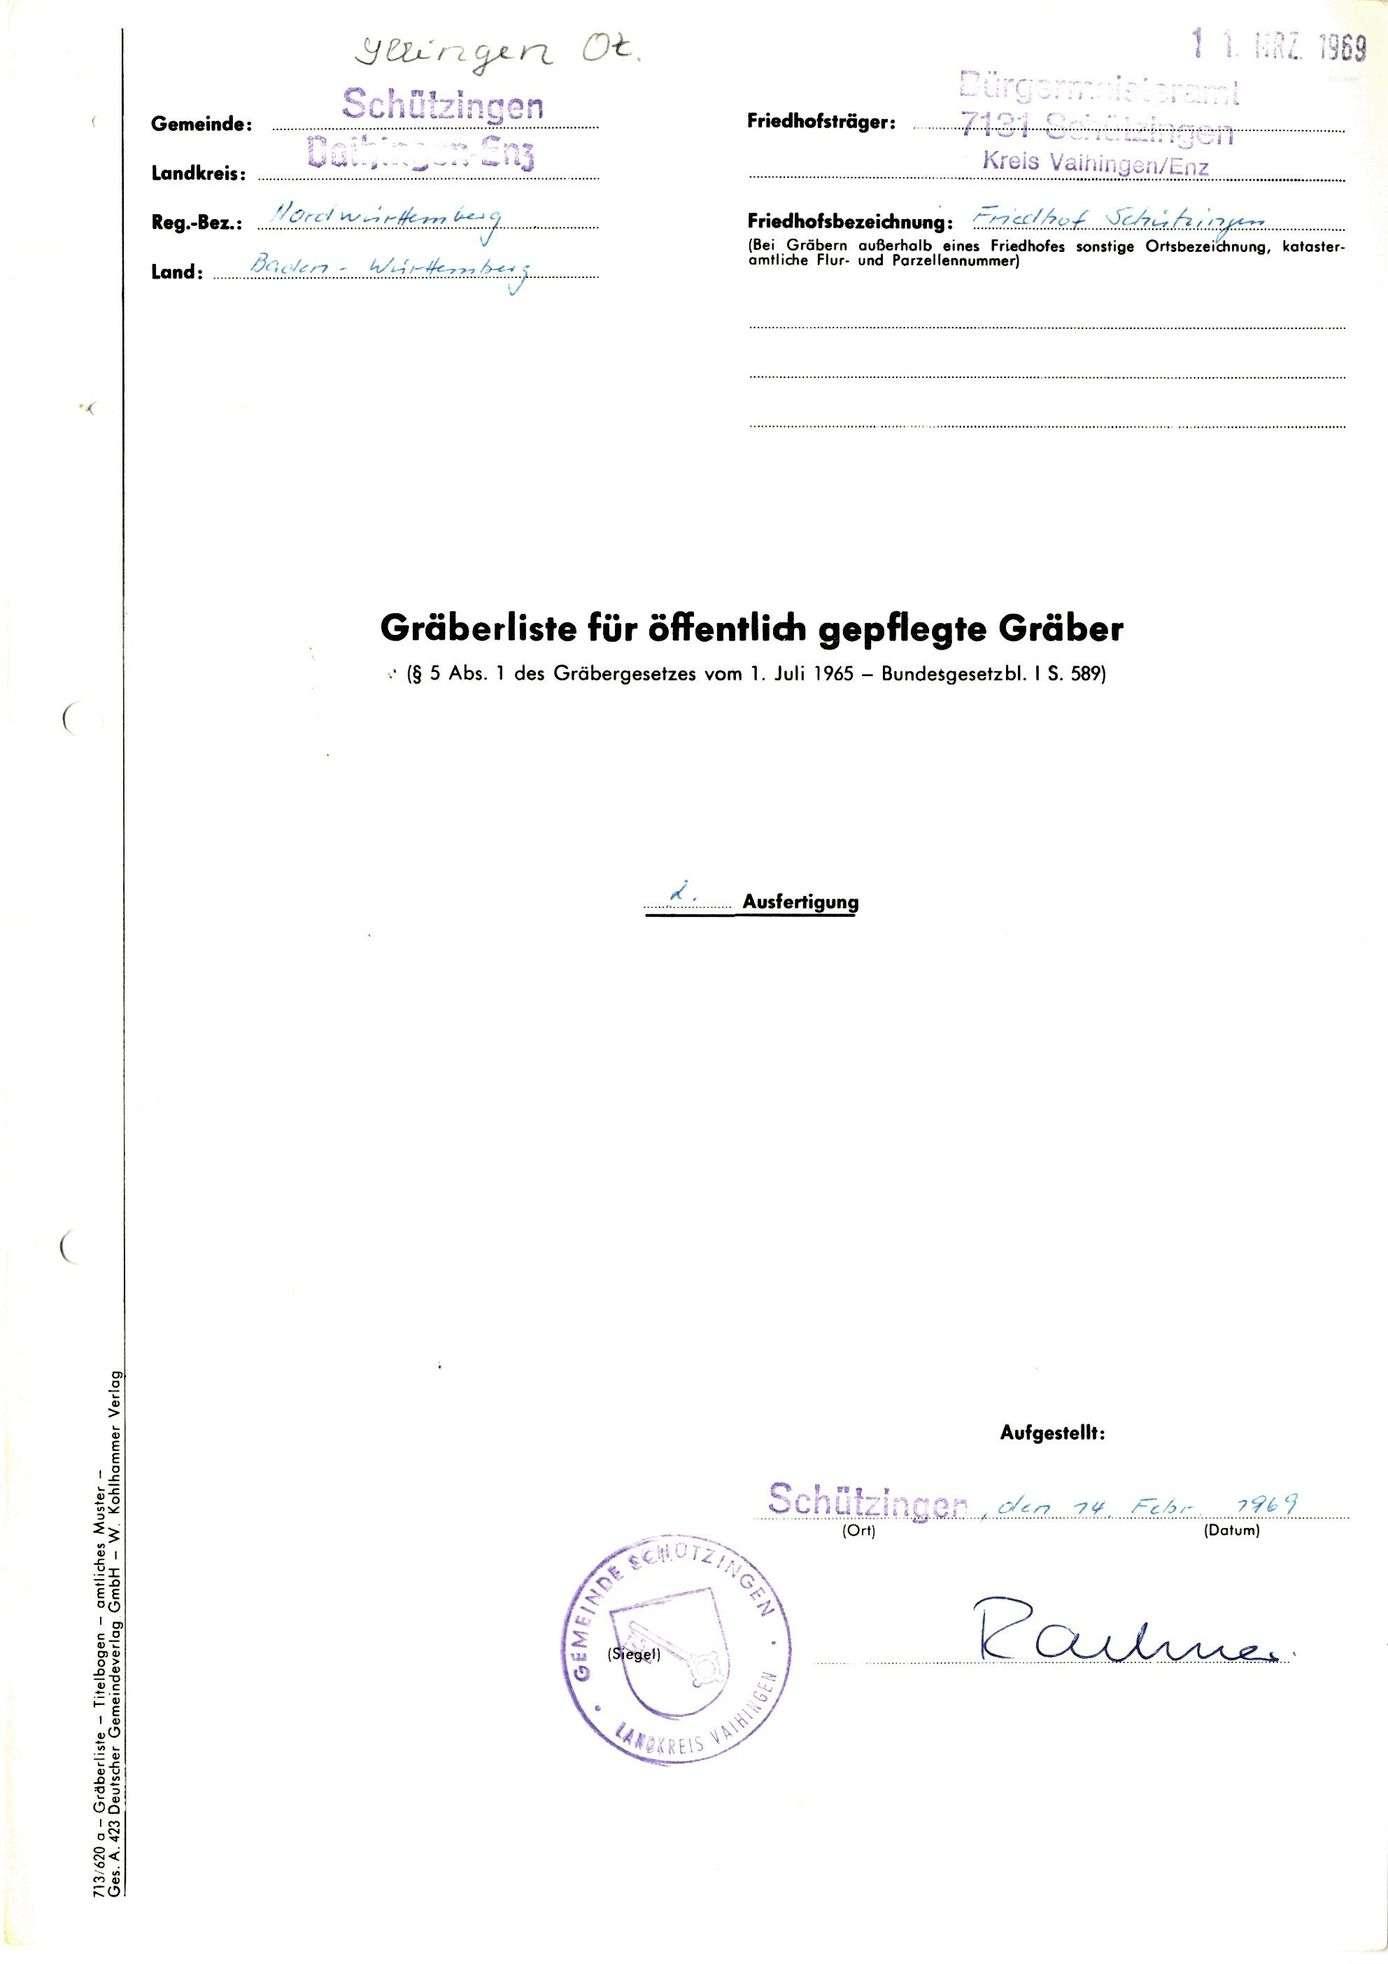 Schützingen, Bild 1